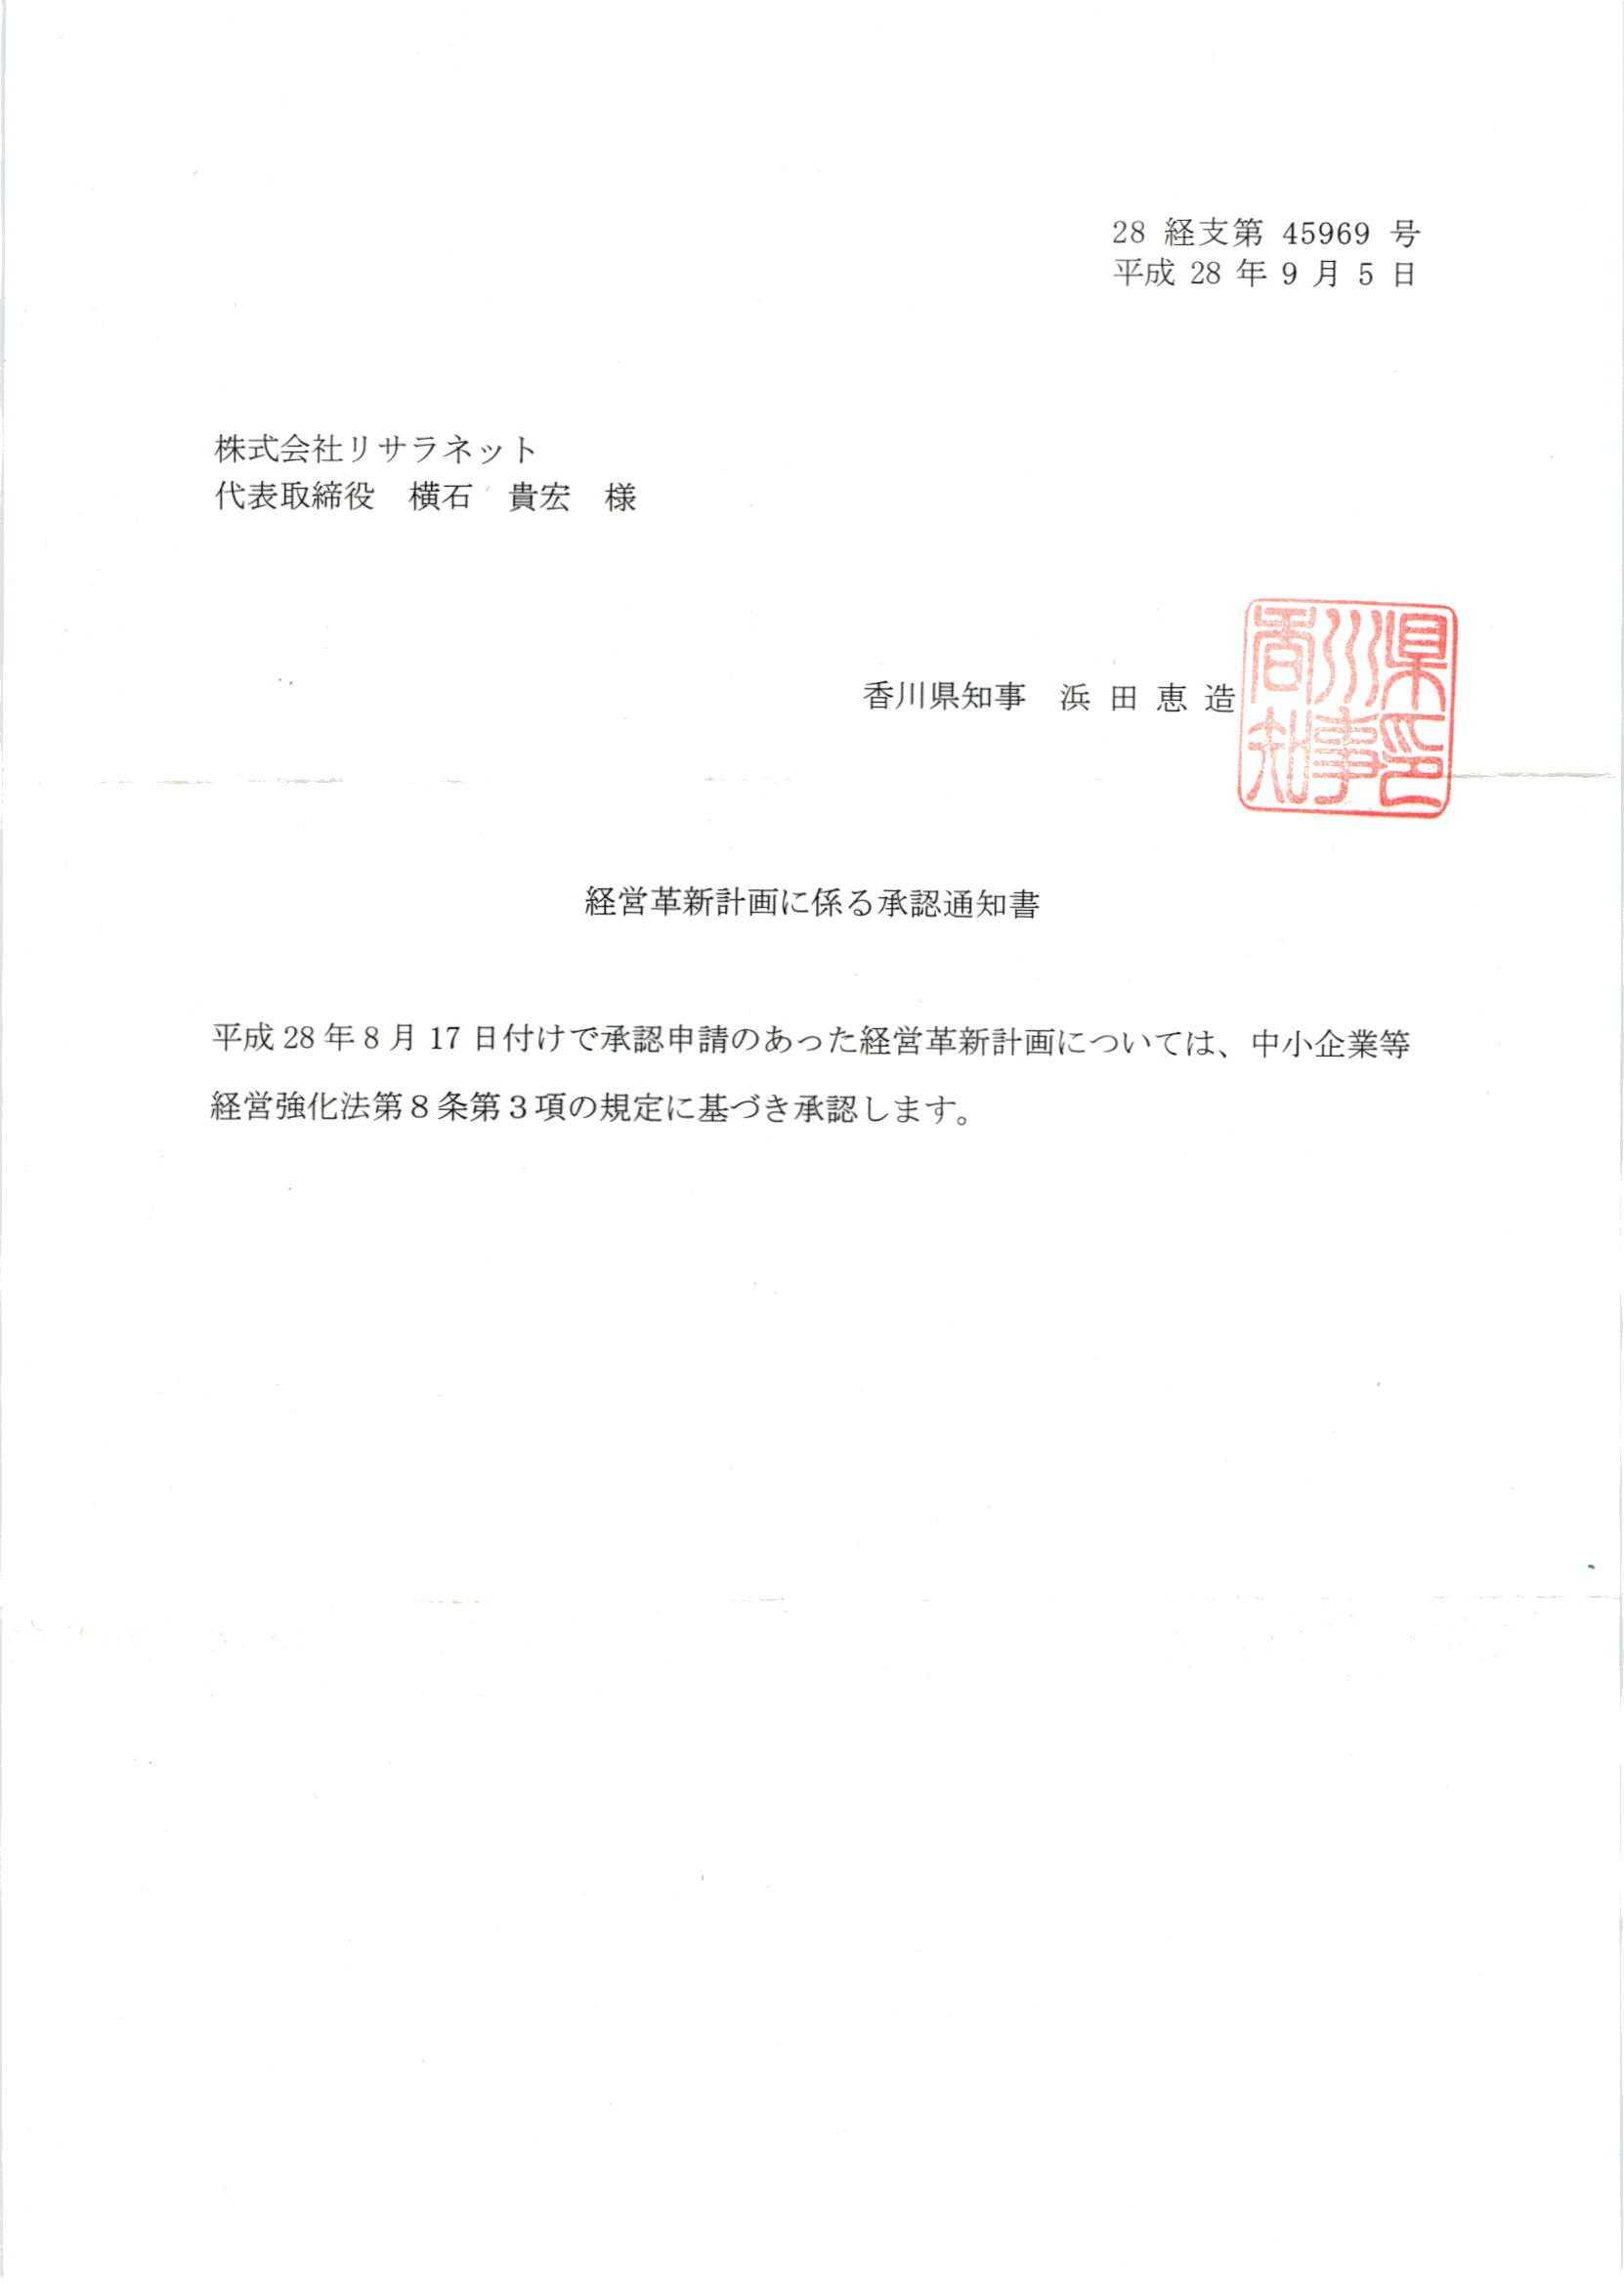 経営革新計画に係る承認通知書 リサラネット